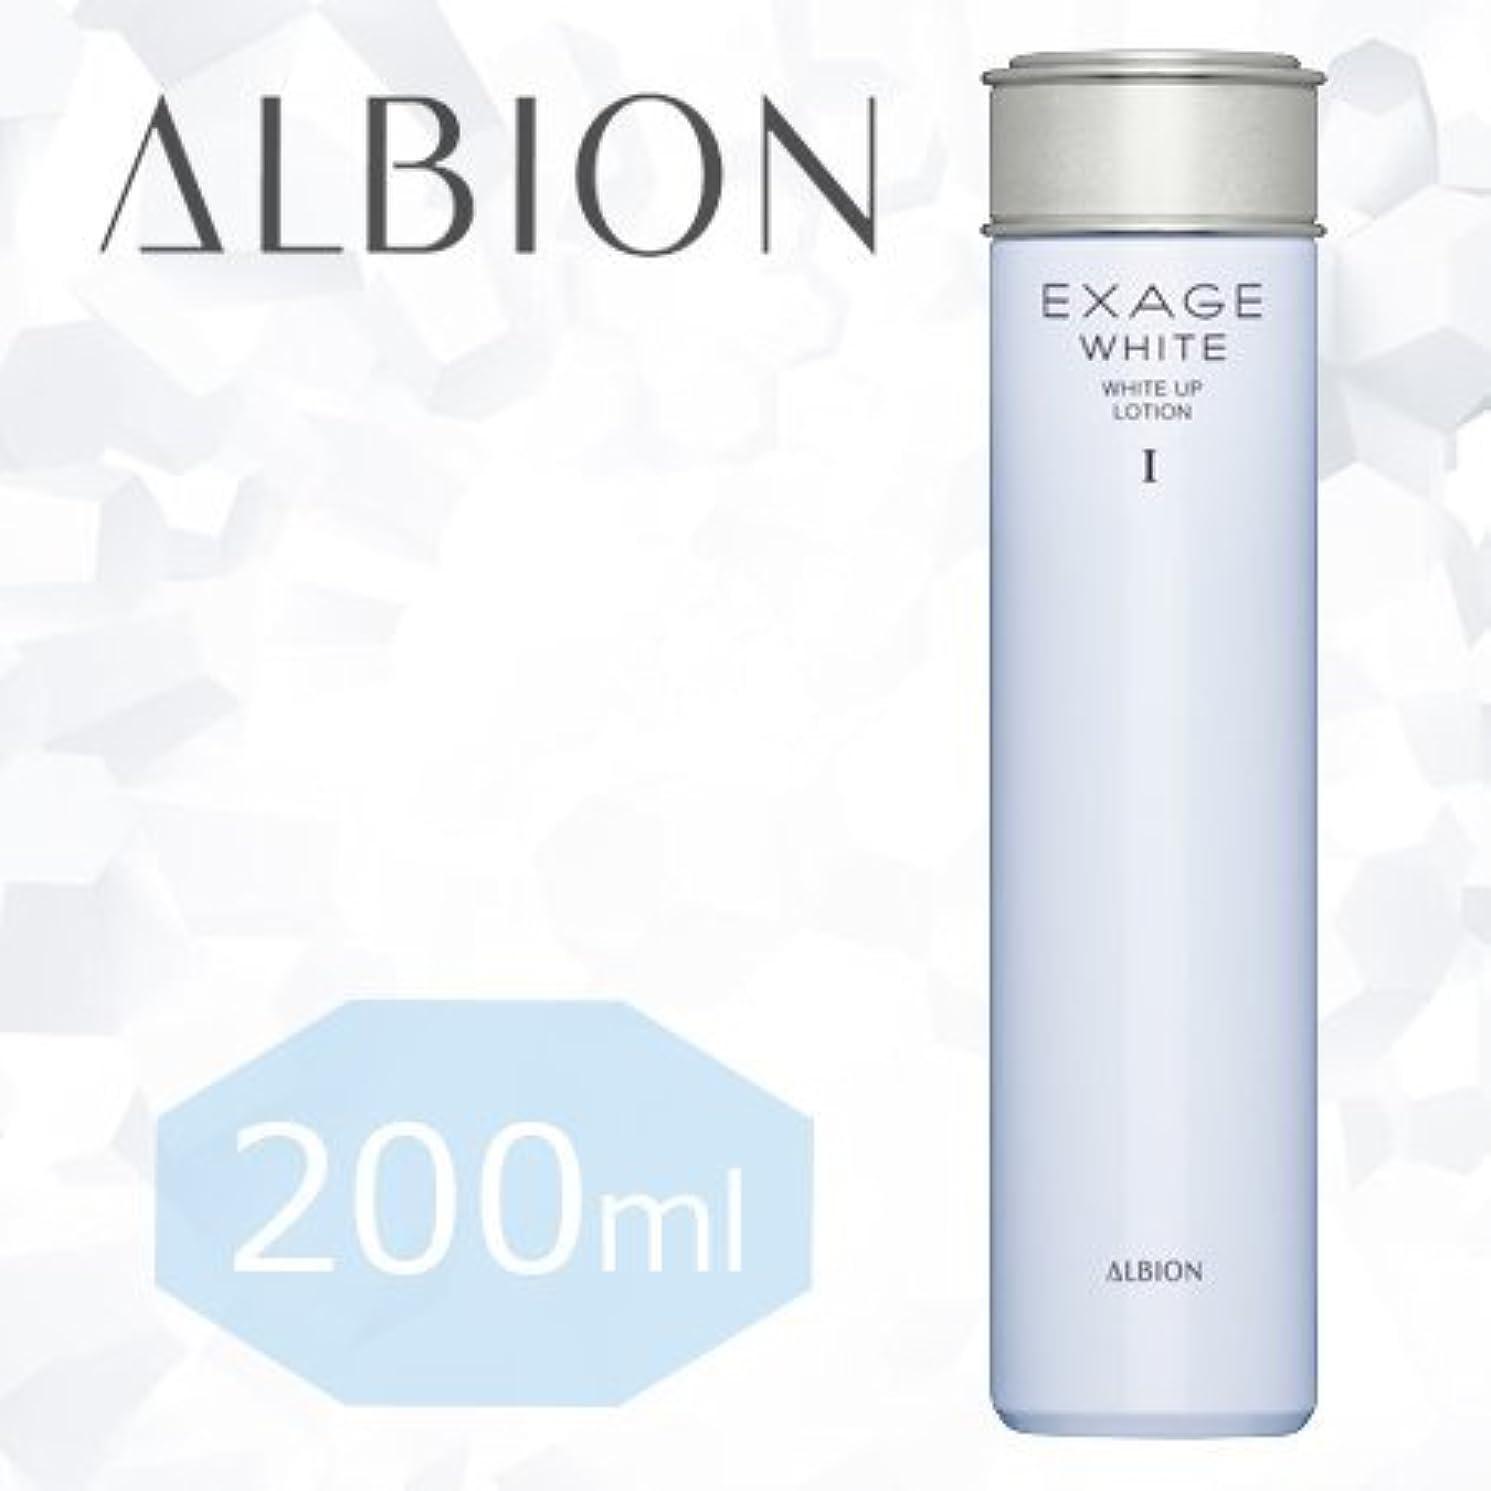 引く傑出した理解するアルビオン エクサージュ ホワイトアップ ローション 200g (Ⅰ)